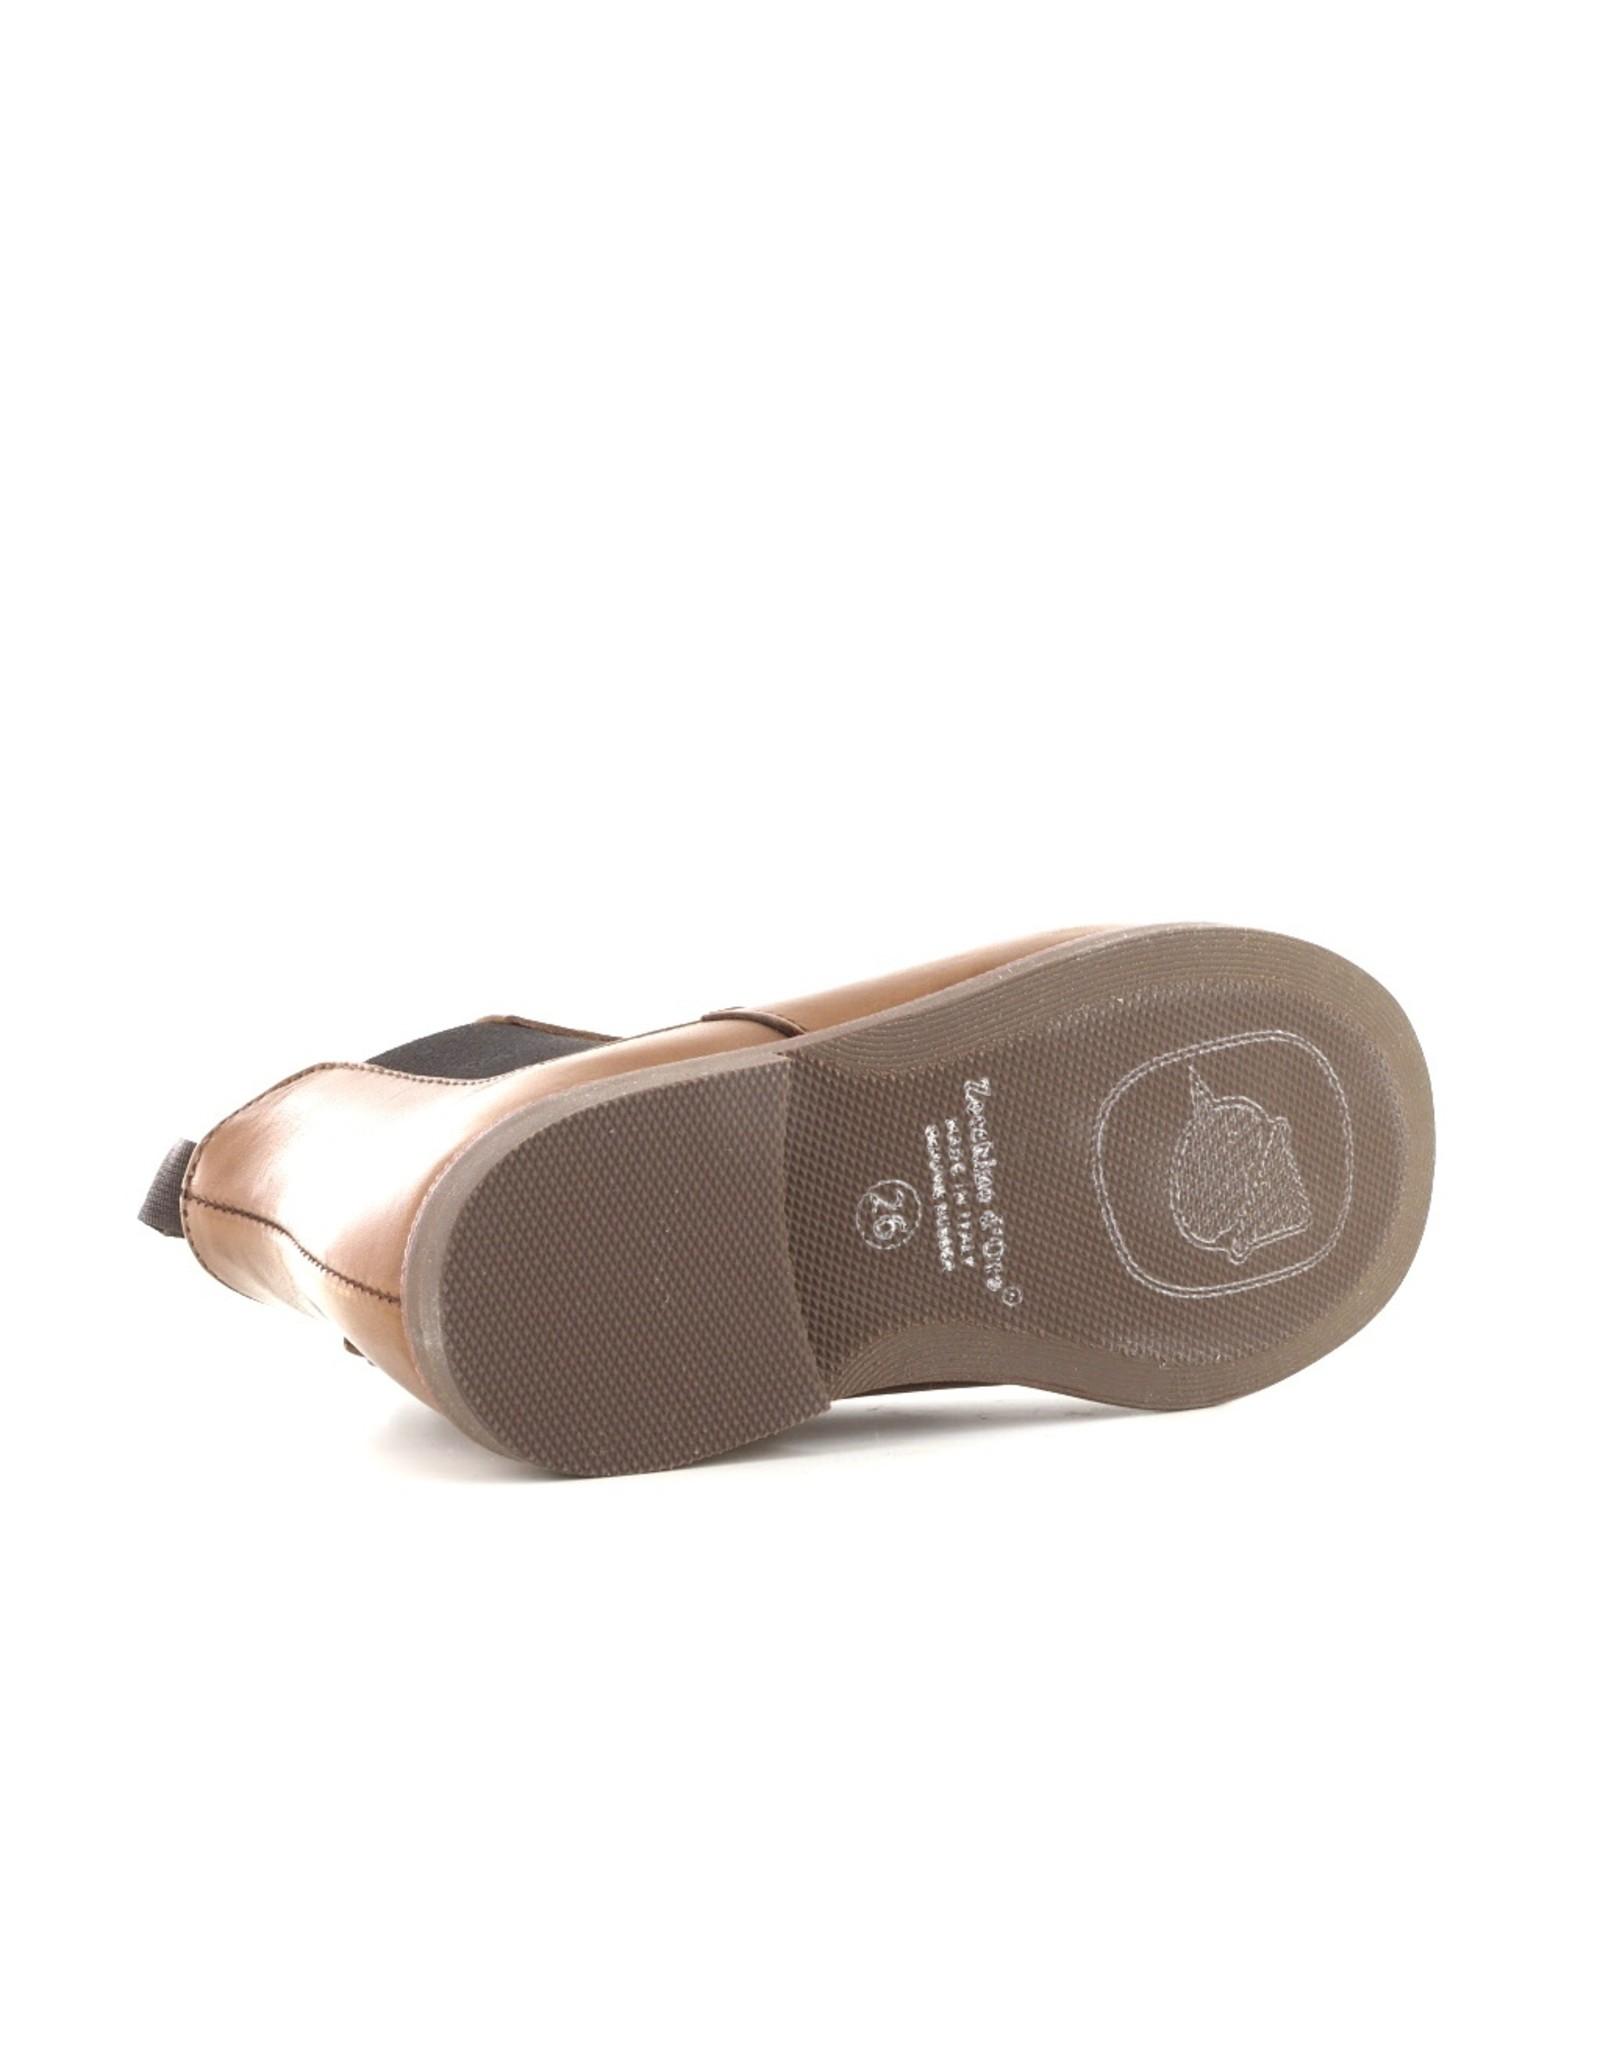 Zecchino d'oro A11-1157 cognac